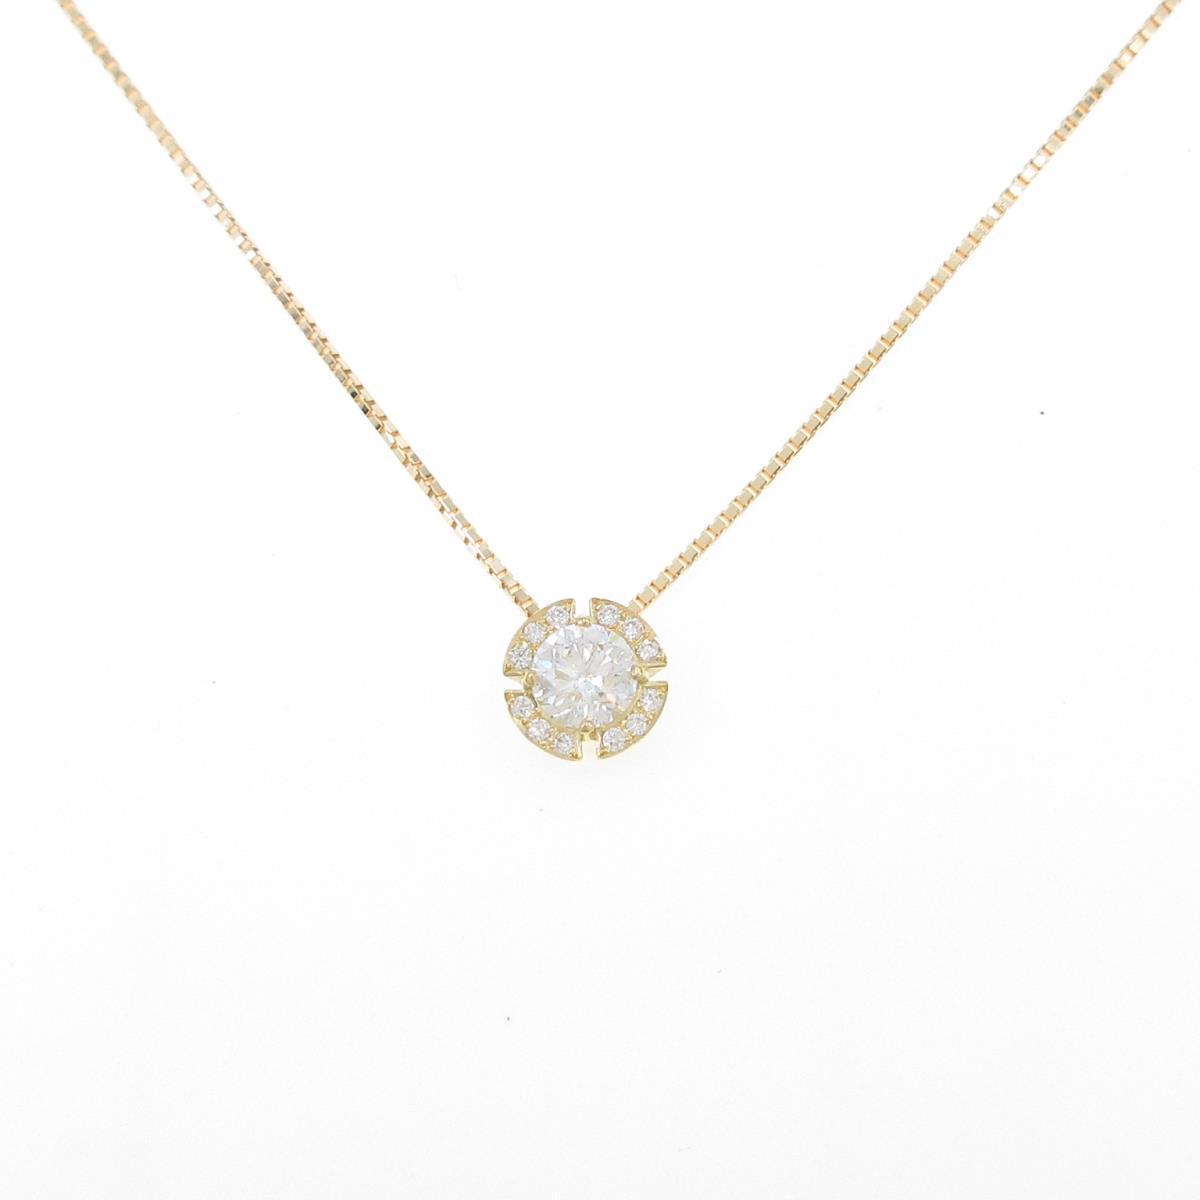 【新品】K18YG ダイヤモンドネックレス 0.319ct・F・SI2・GOOD【新品】